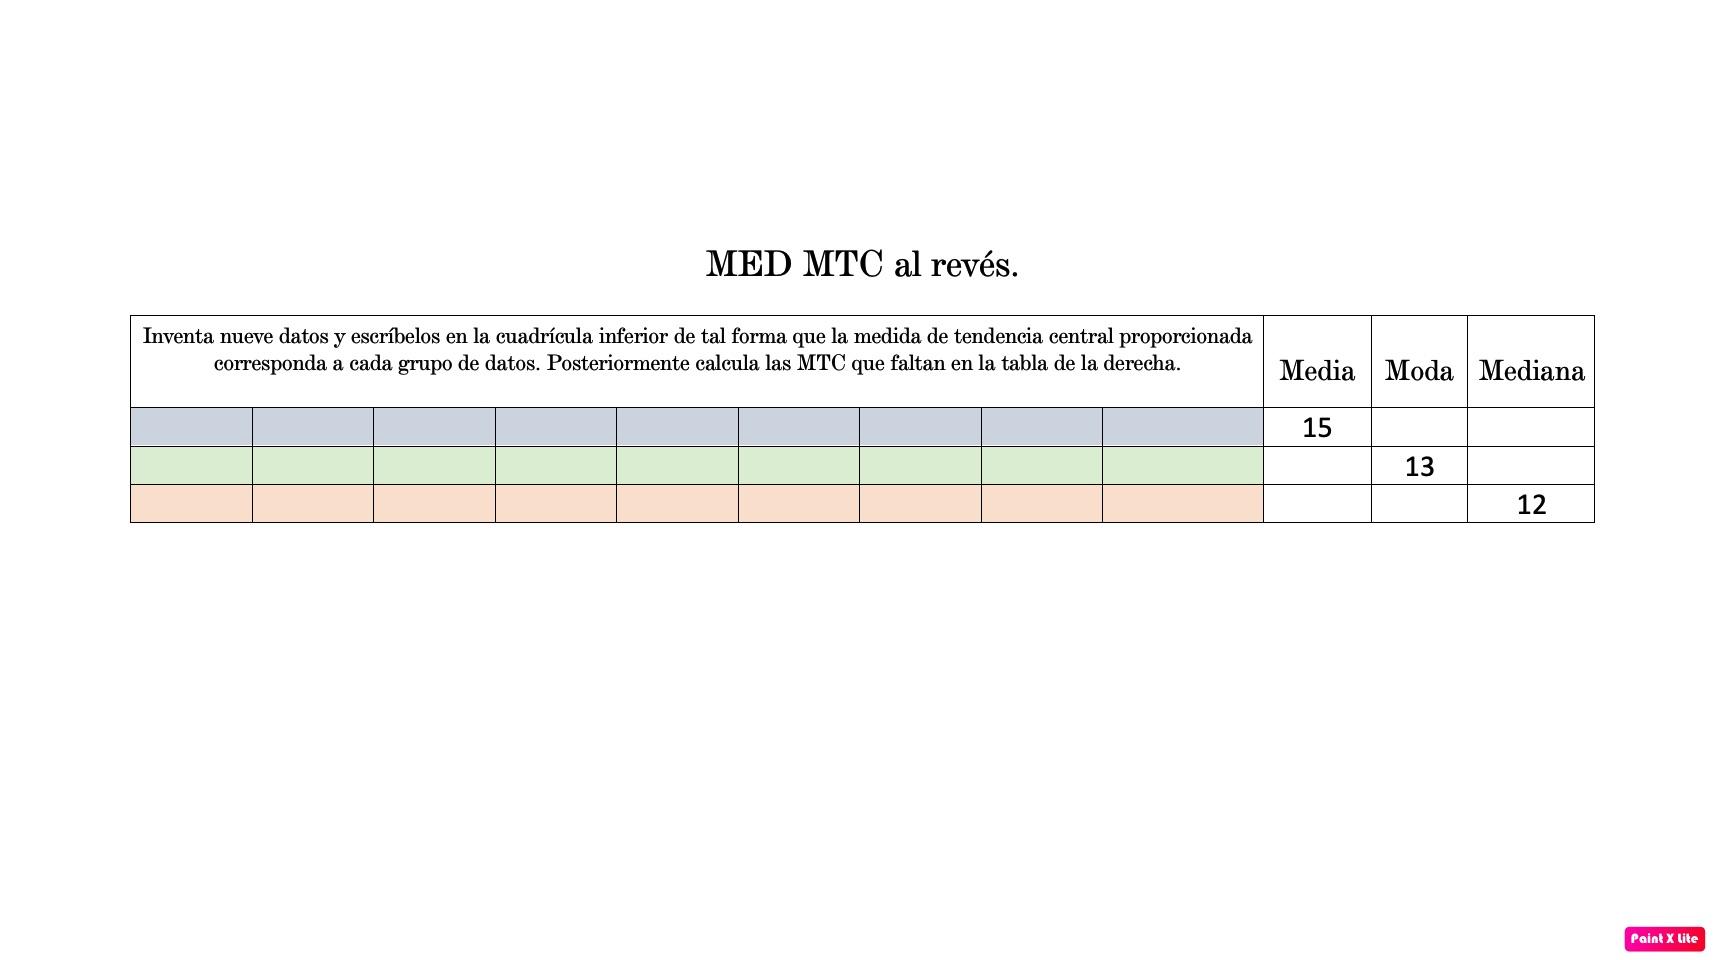 77982122339128113T2142021172227_MTC+al+reve%CC%81s.jpg